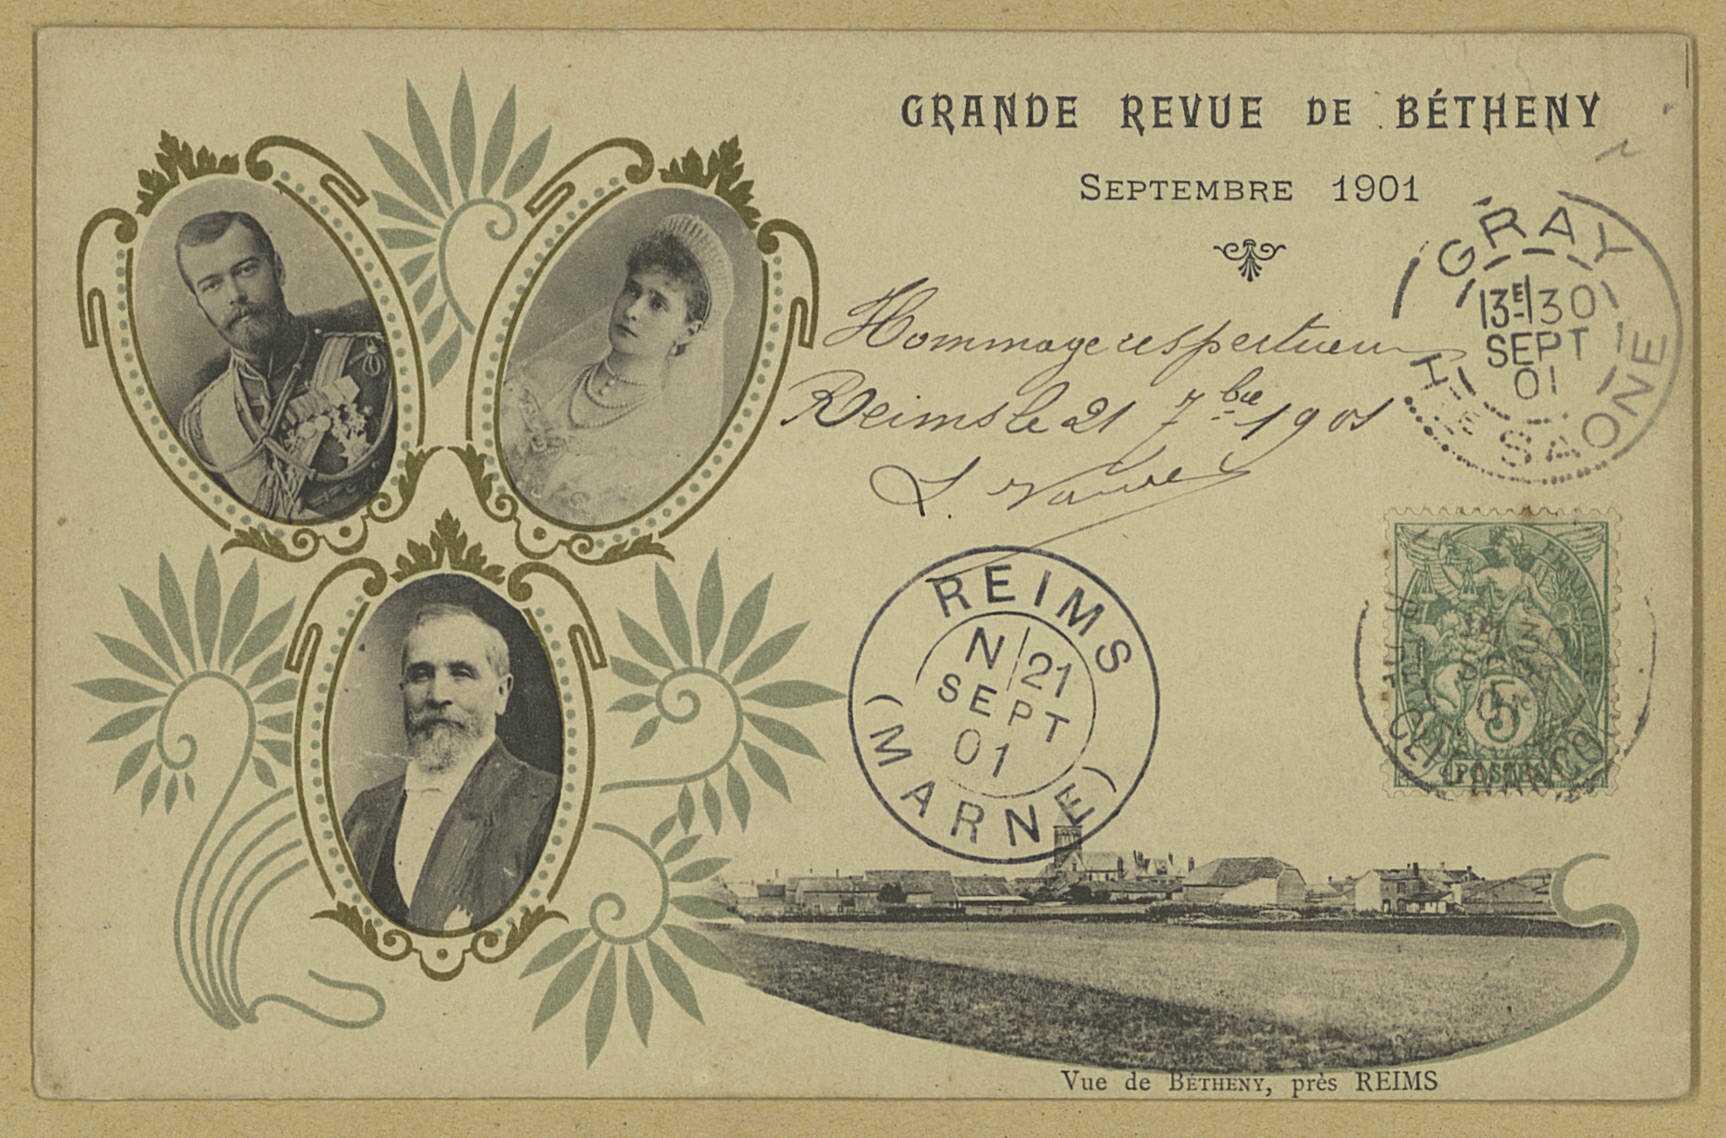 BÉTHENY. Grande revue de Bétheny (sept. 1901). Vue de Bétheny, près de Reims.